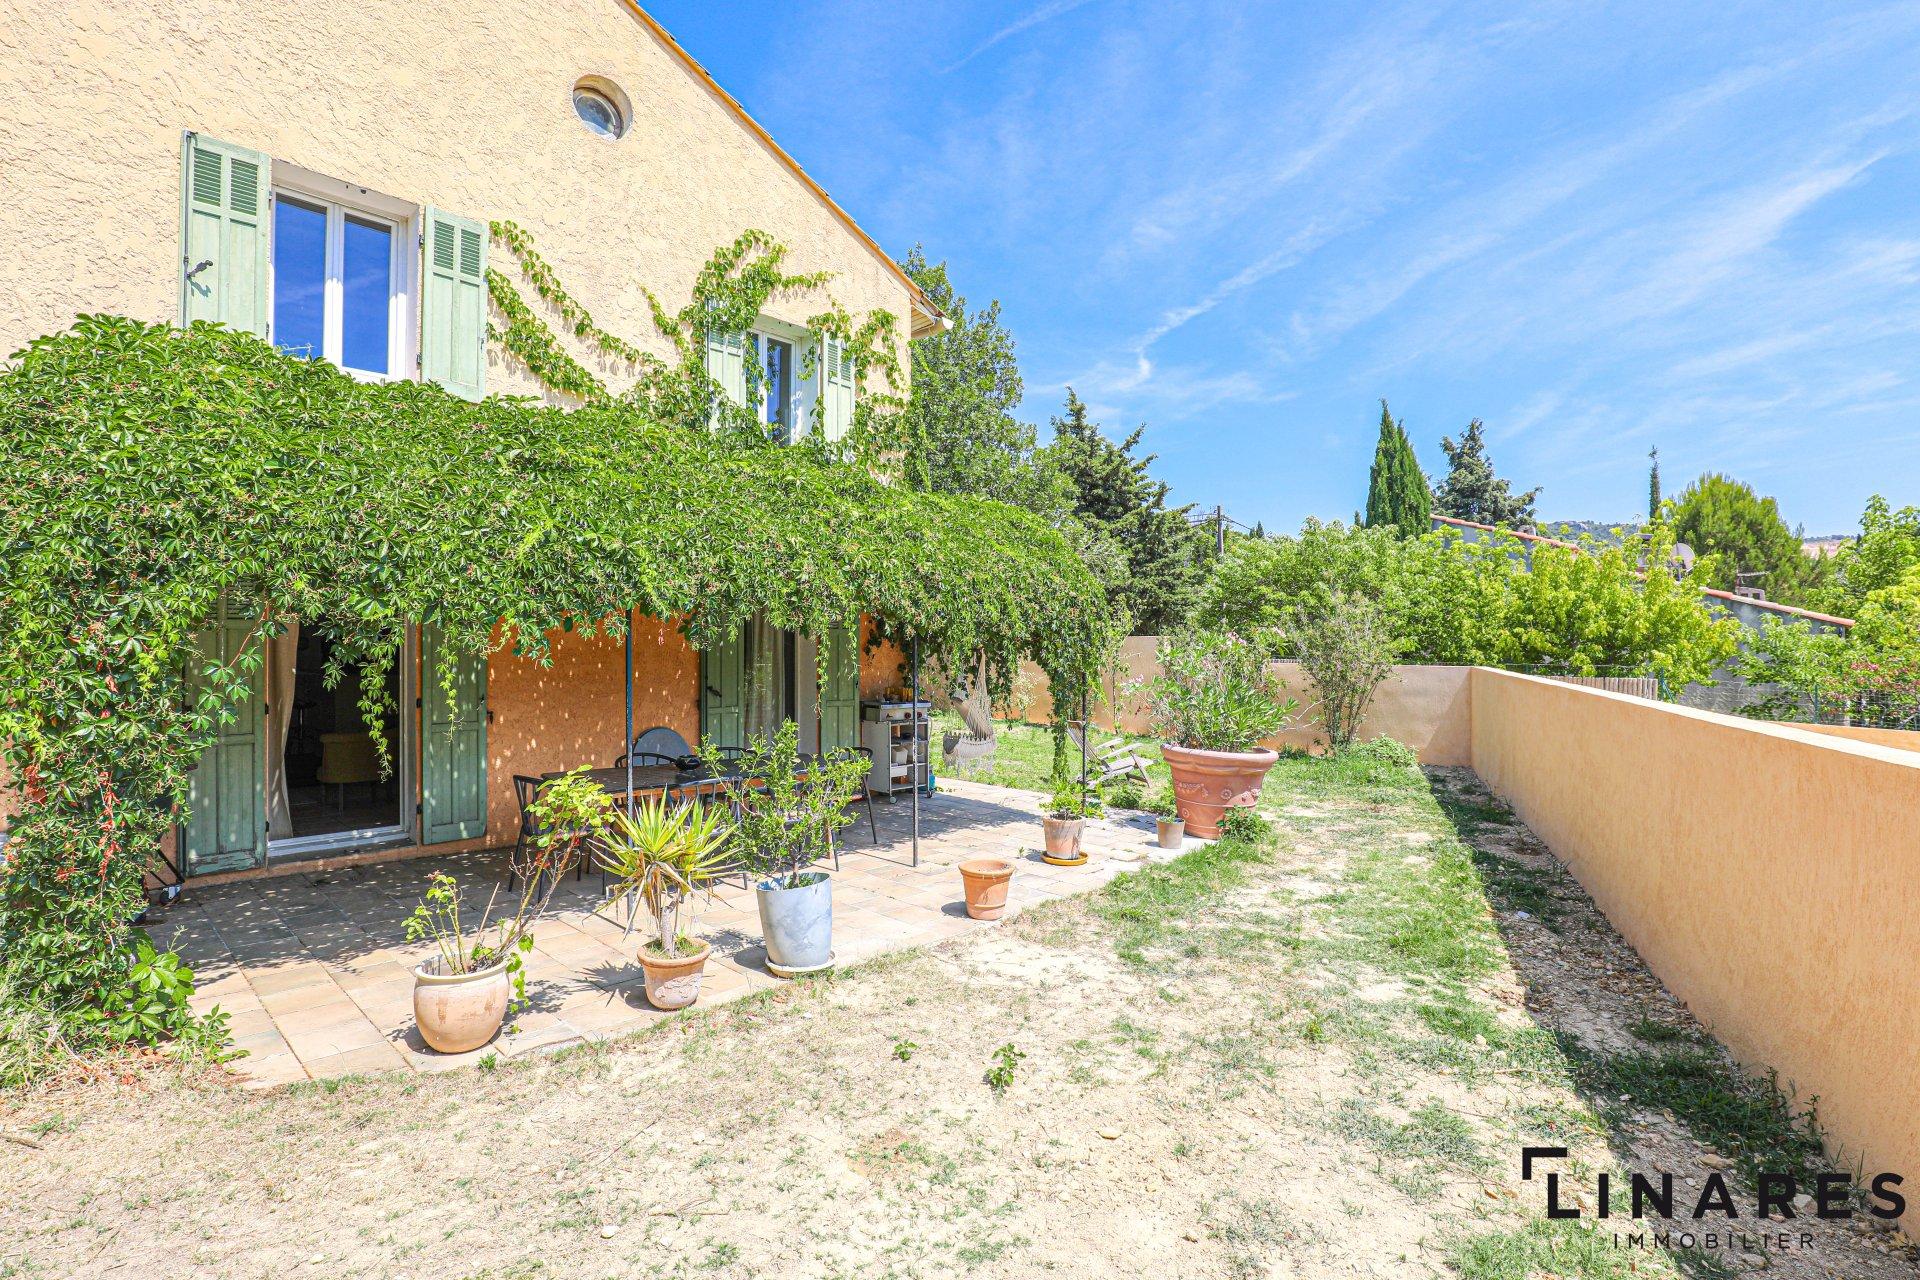 LA CHARMANTE - Villa T4/6 de 130m2 avec jardin piscinable